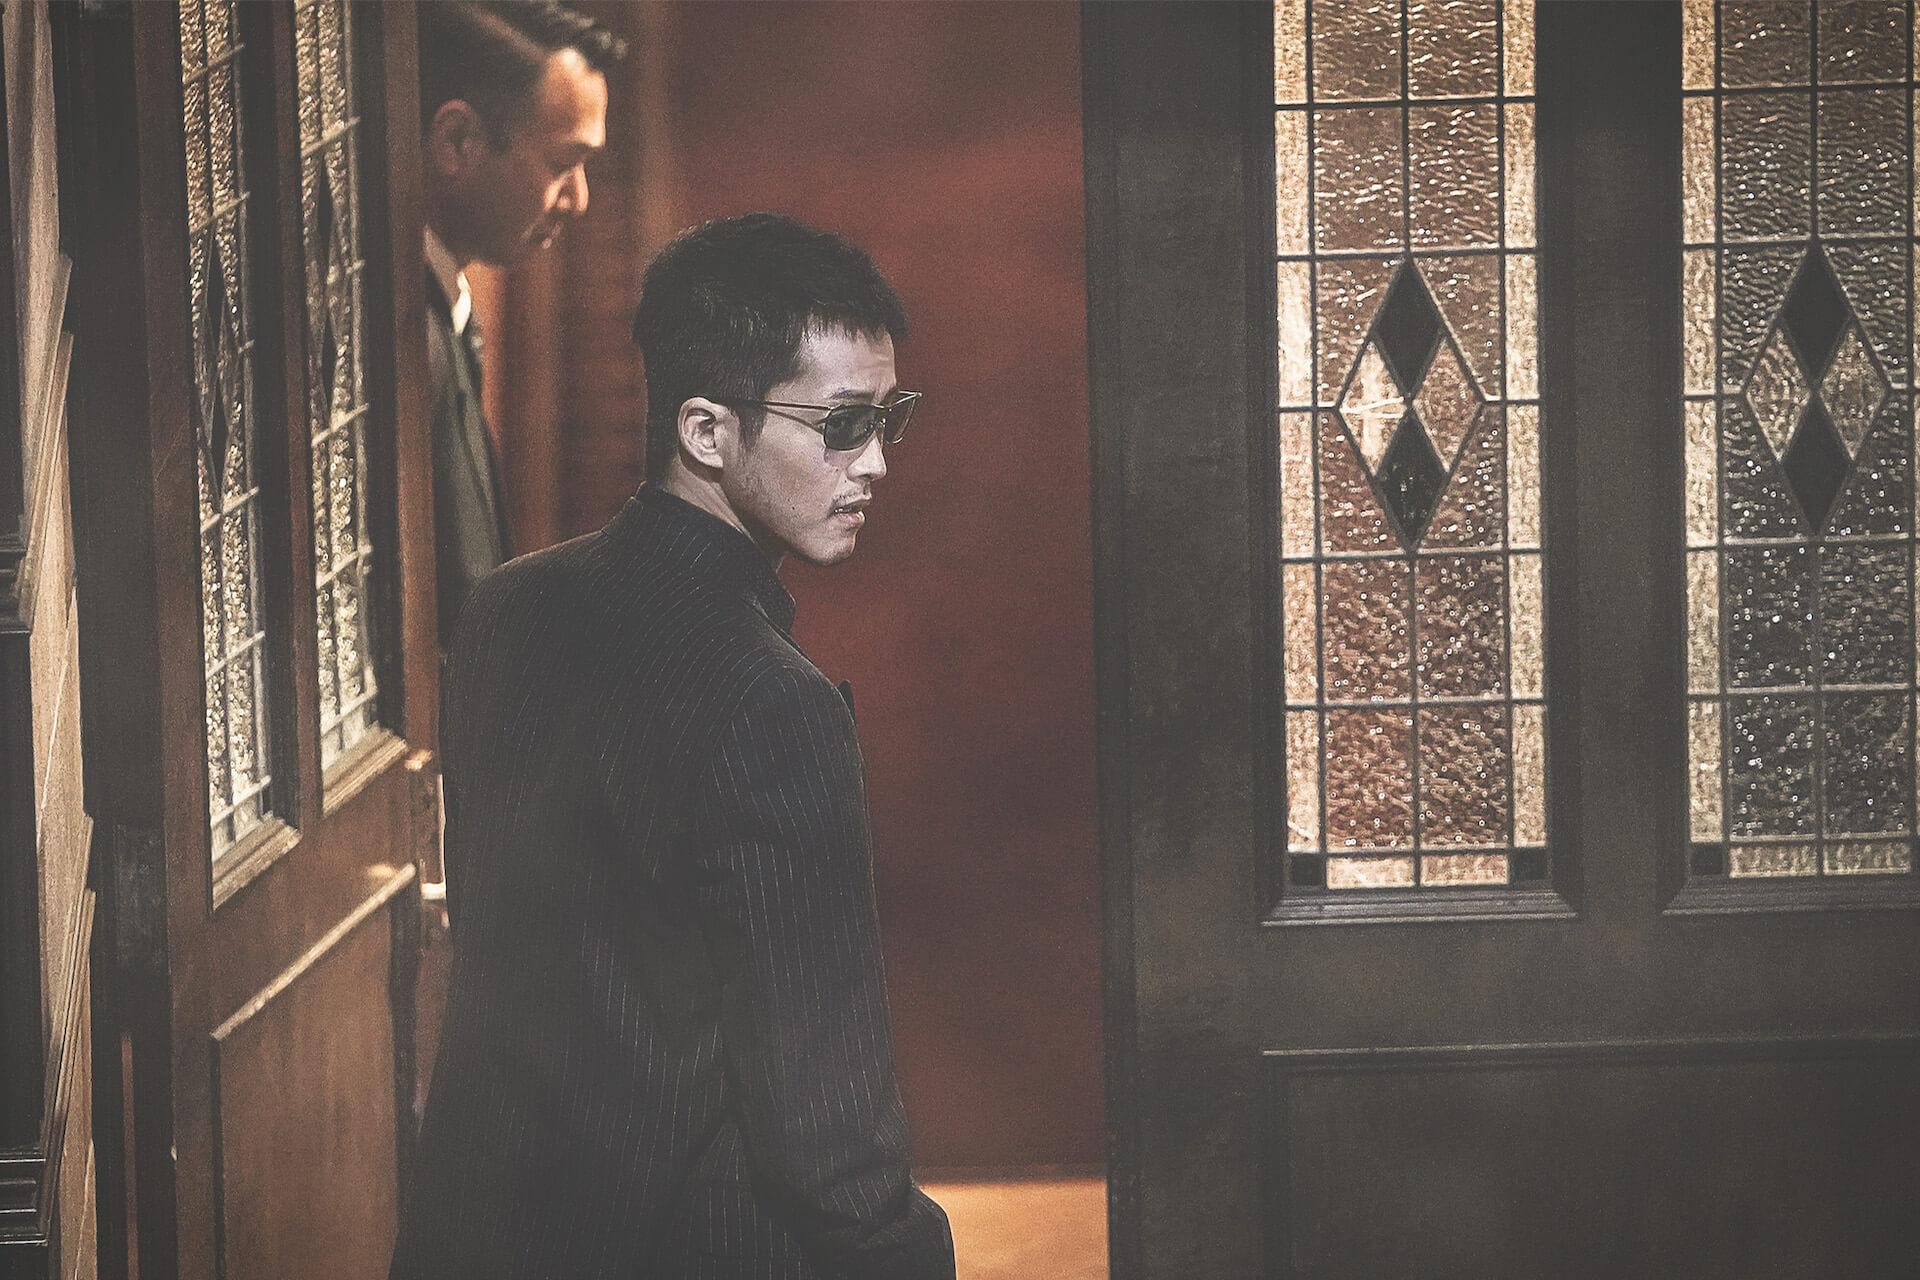 変貌を遂げた松坂桃李演じる日岡がさらに強面に!『孤狼の血 LEVEL2』の新場面写真4点解禁 film210407_korounochi_1